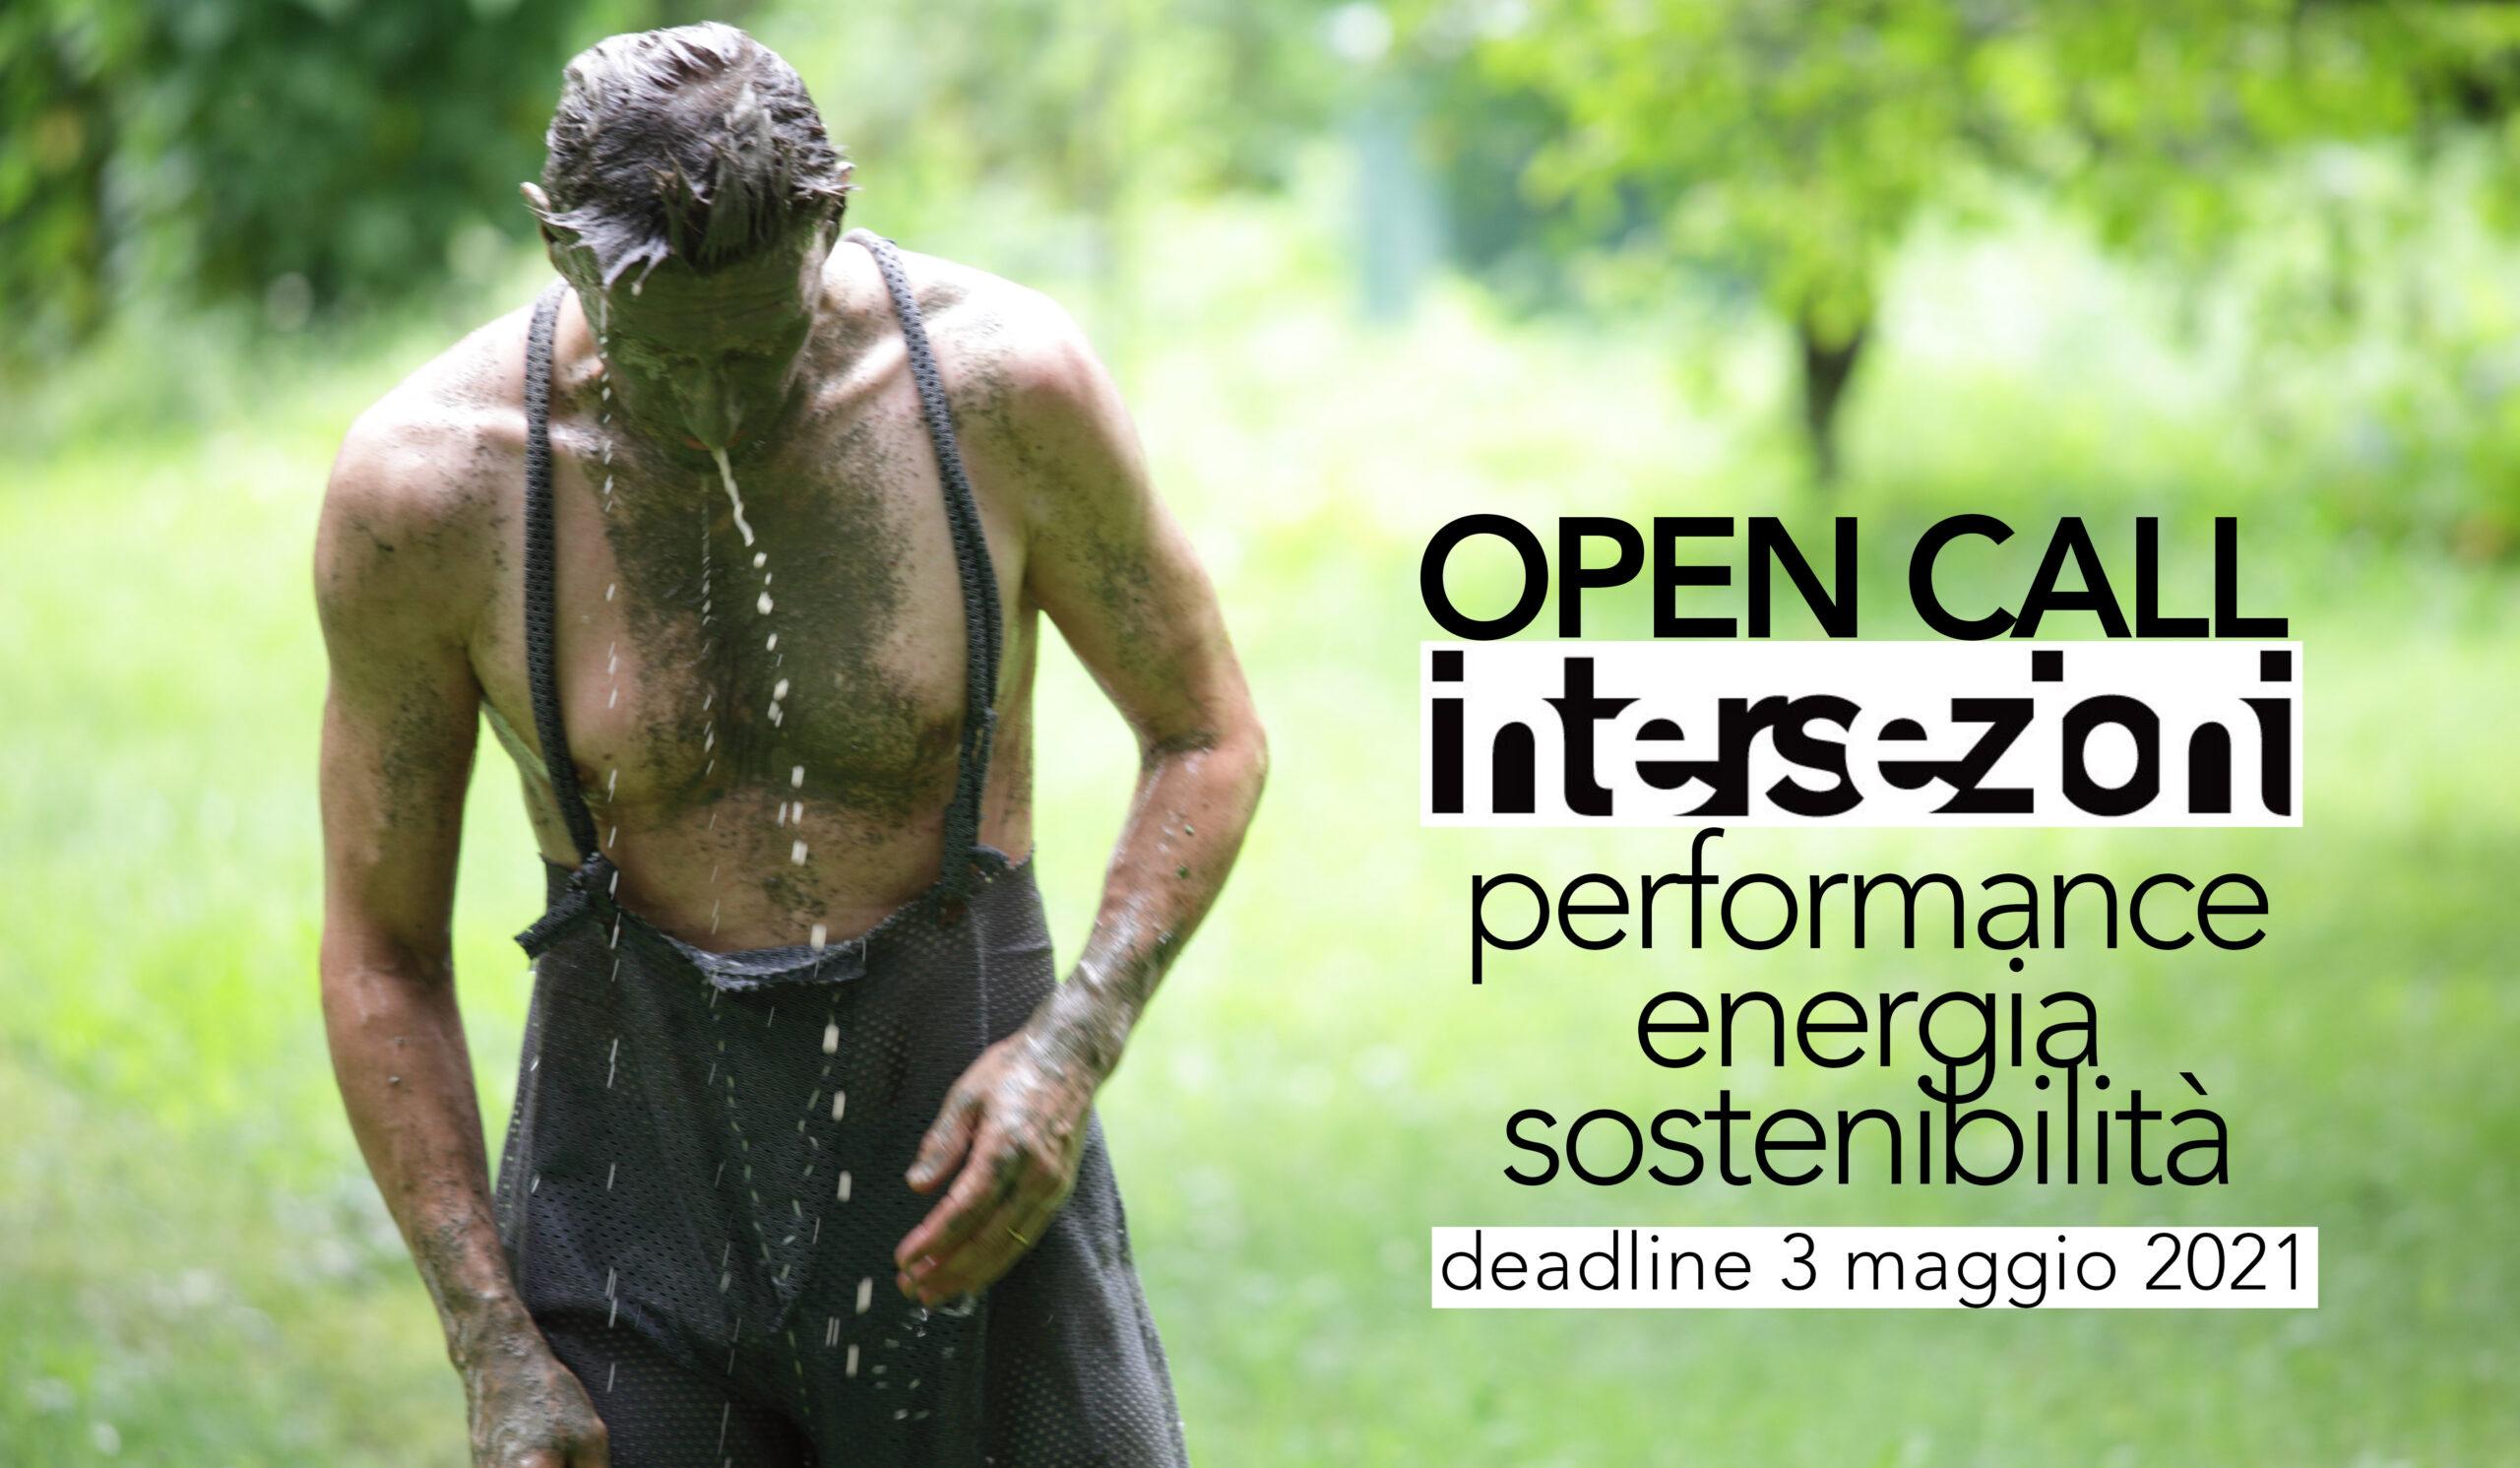 Intersezioni – performance, energia, sostenibilità